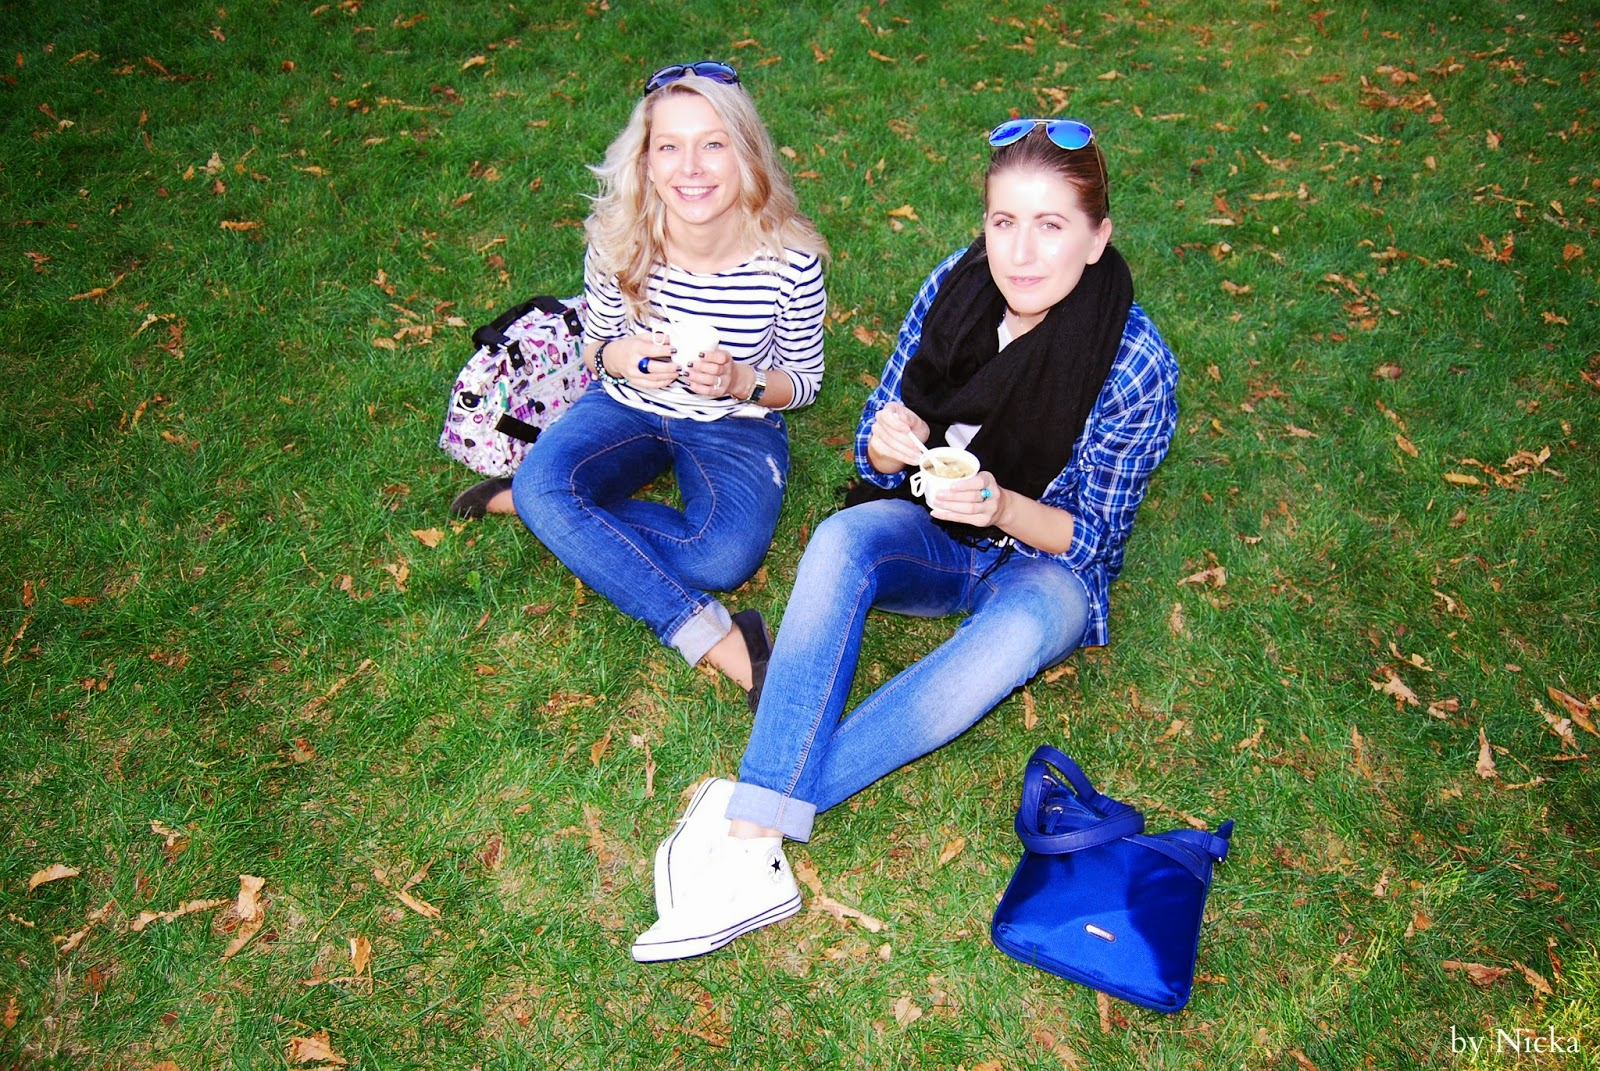 chillin in da park